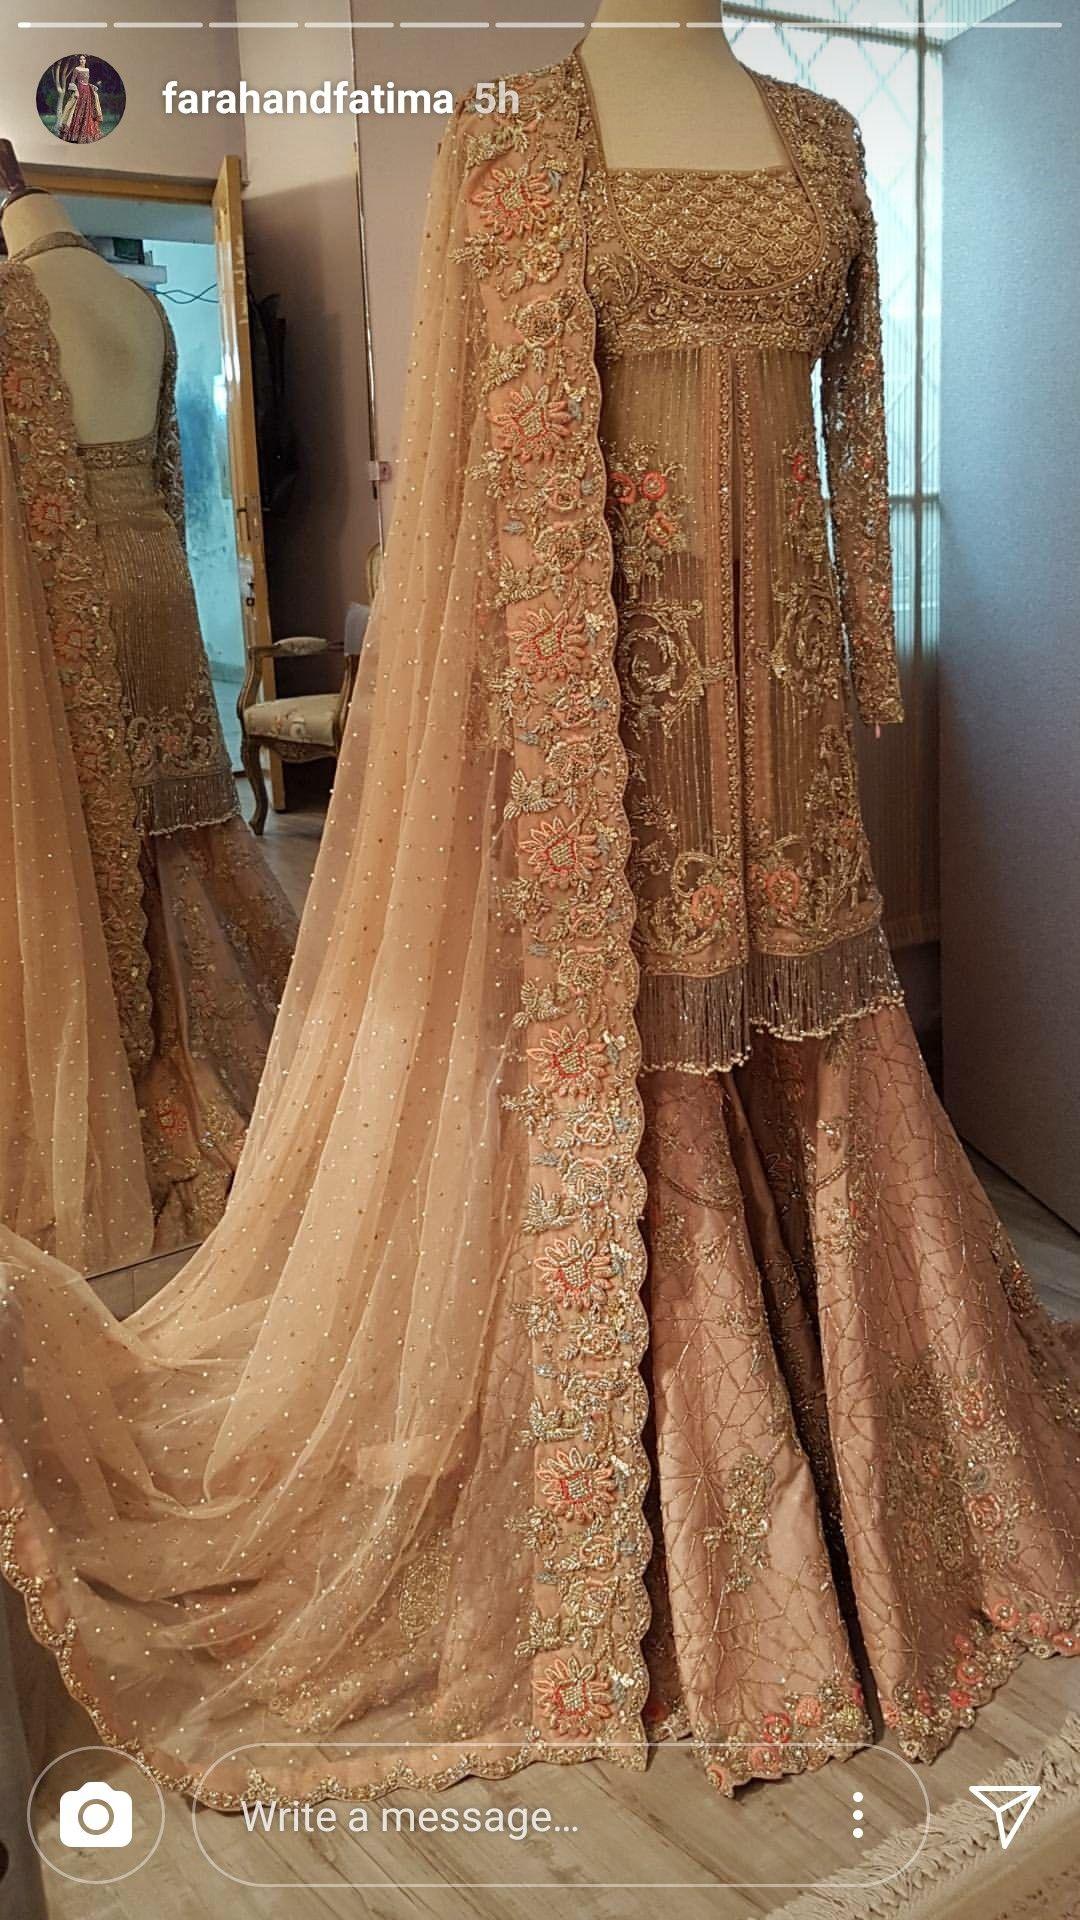 Style Dress Pakistanistyle Awesome Lehengas Price 8 40 000 Pakistani Wedding Dresses Pakistani Bridal Dresses Fancy Dresses